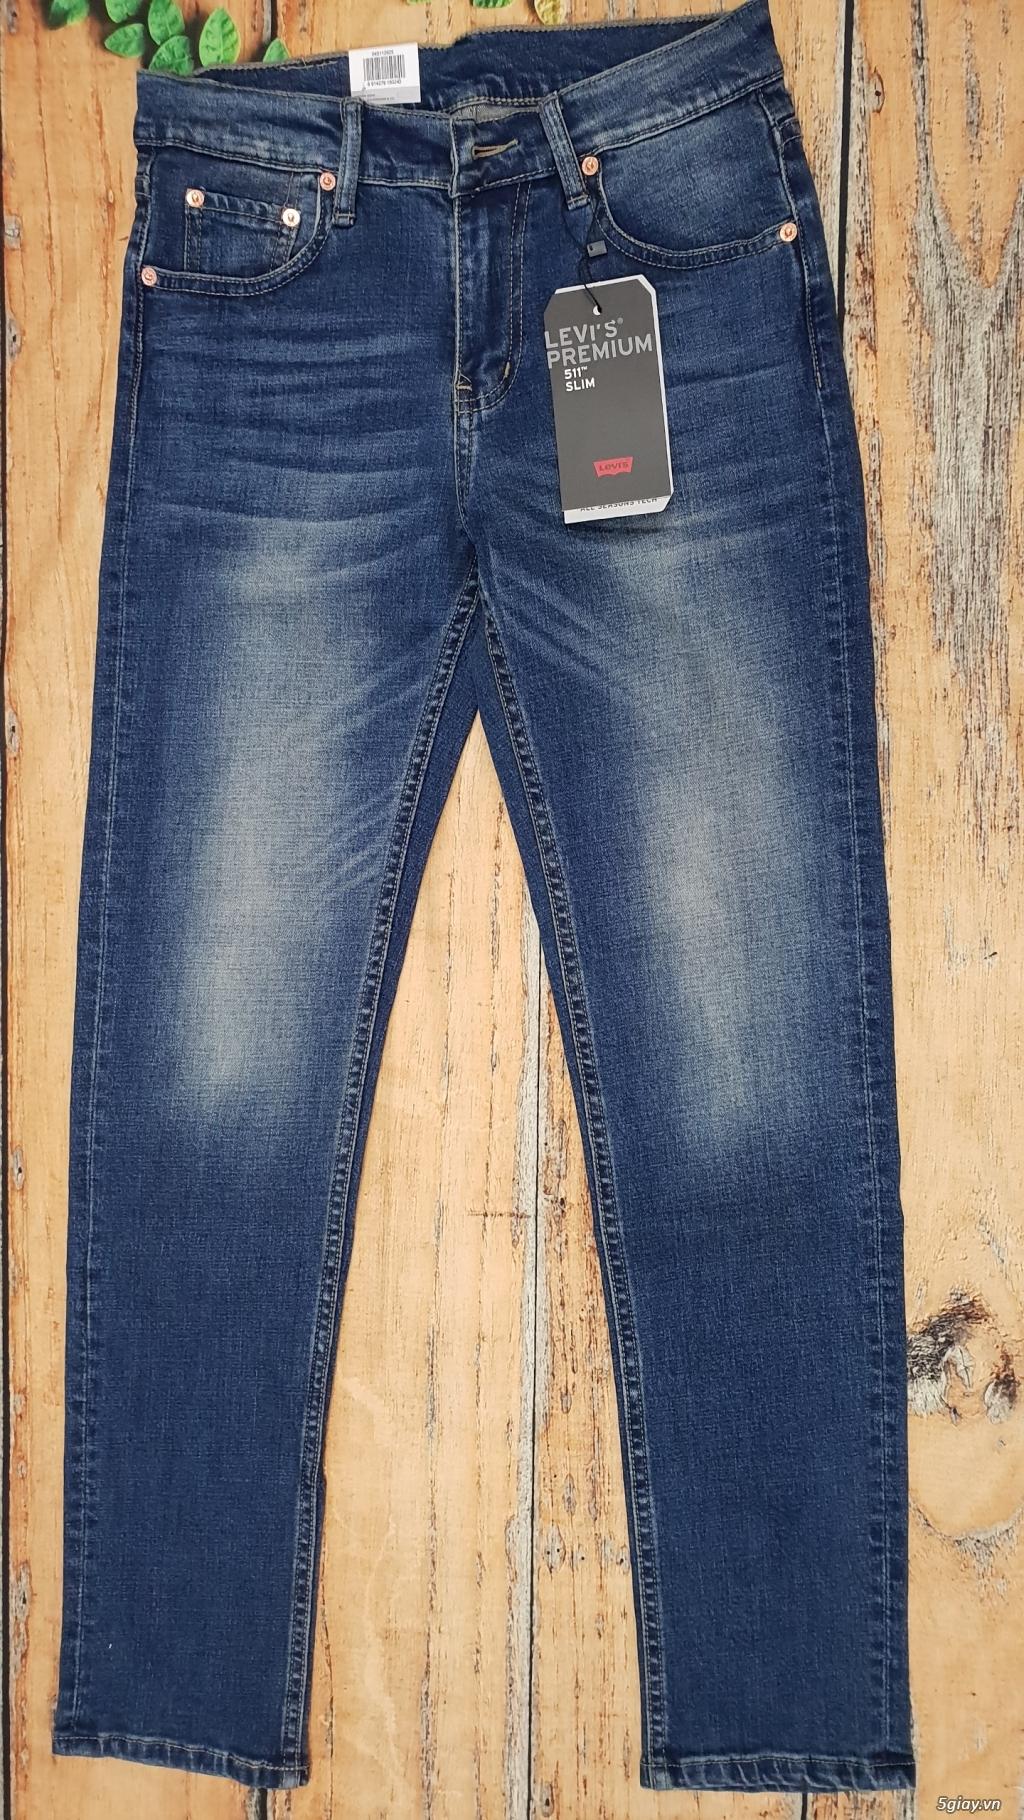 Chuyên bán quần jeans Nam Levi's 511 dáng xuông đủ màu đủ size - 11